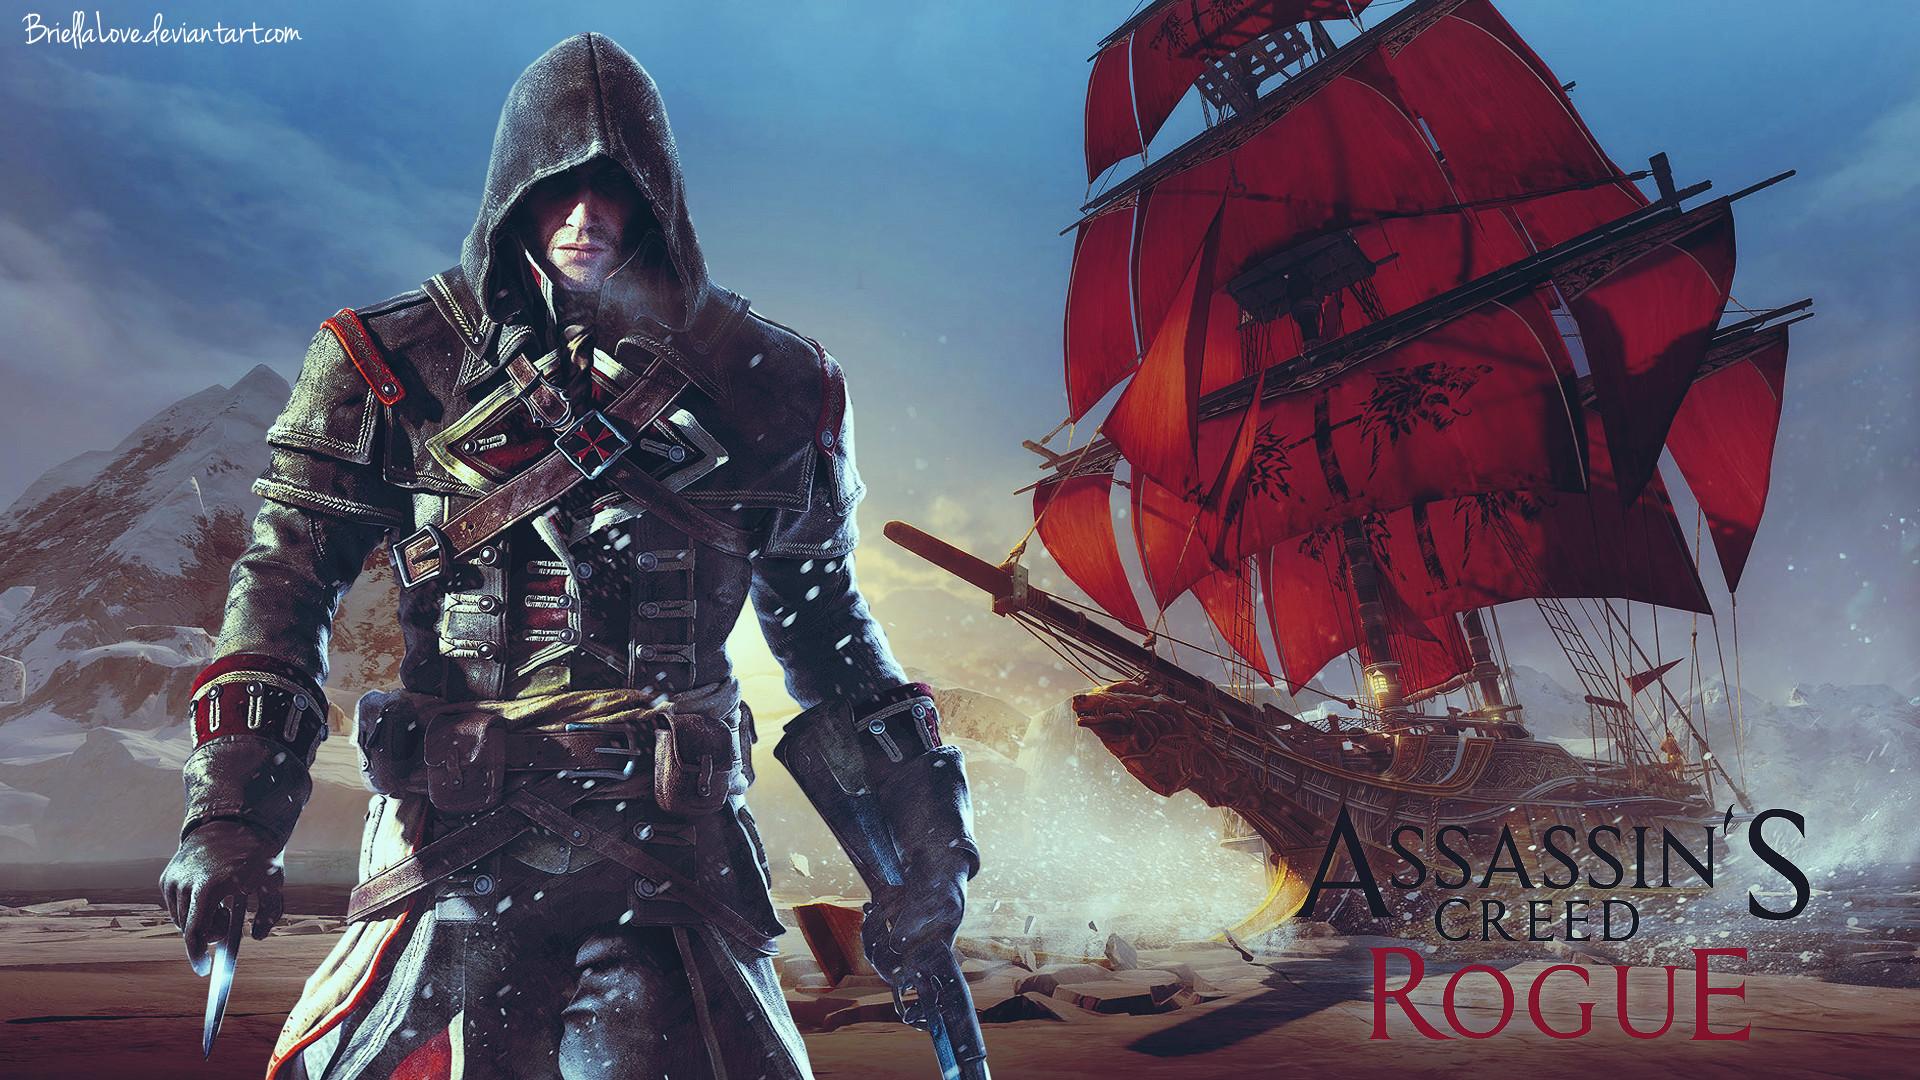 assassin_s_creed_rogue_wallpaper_by_briellalove-d85j5tu.png